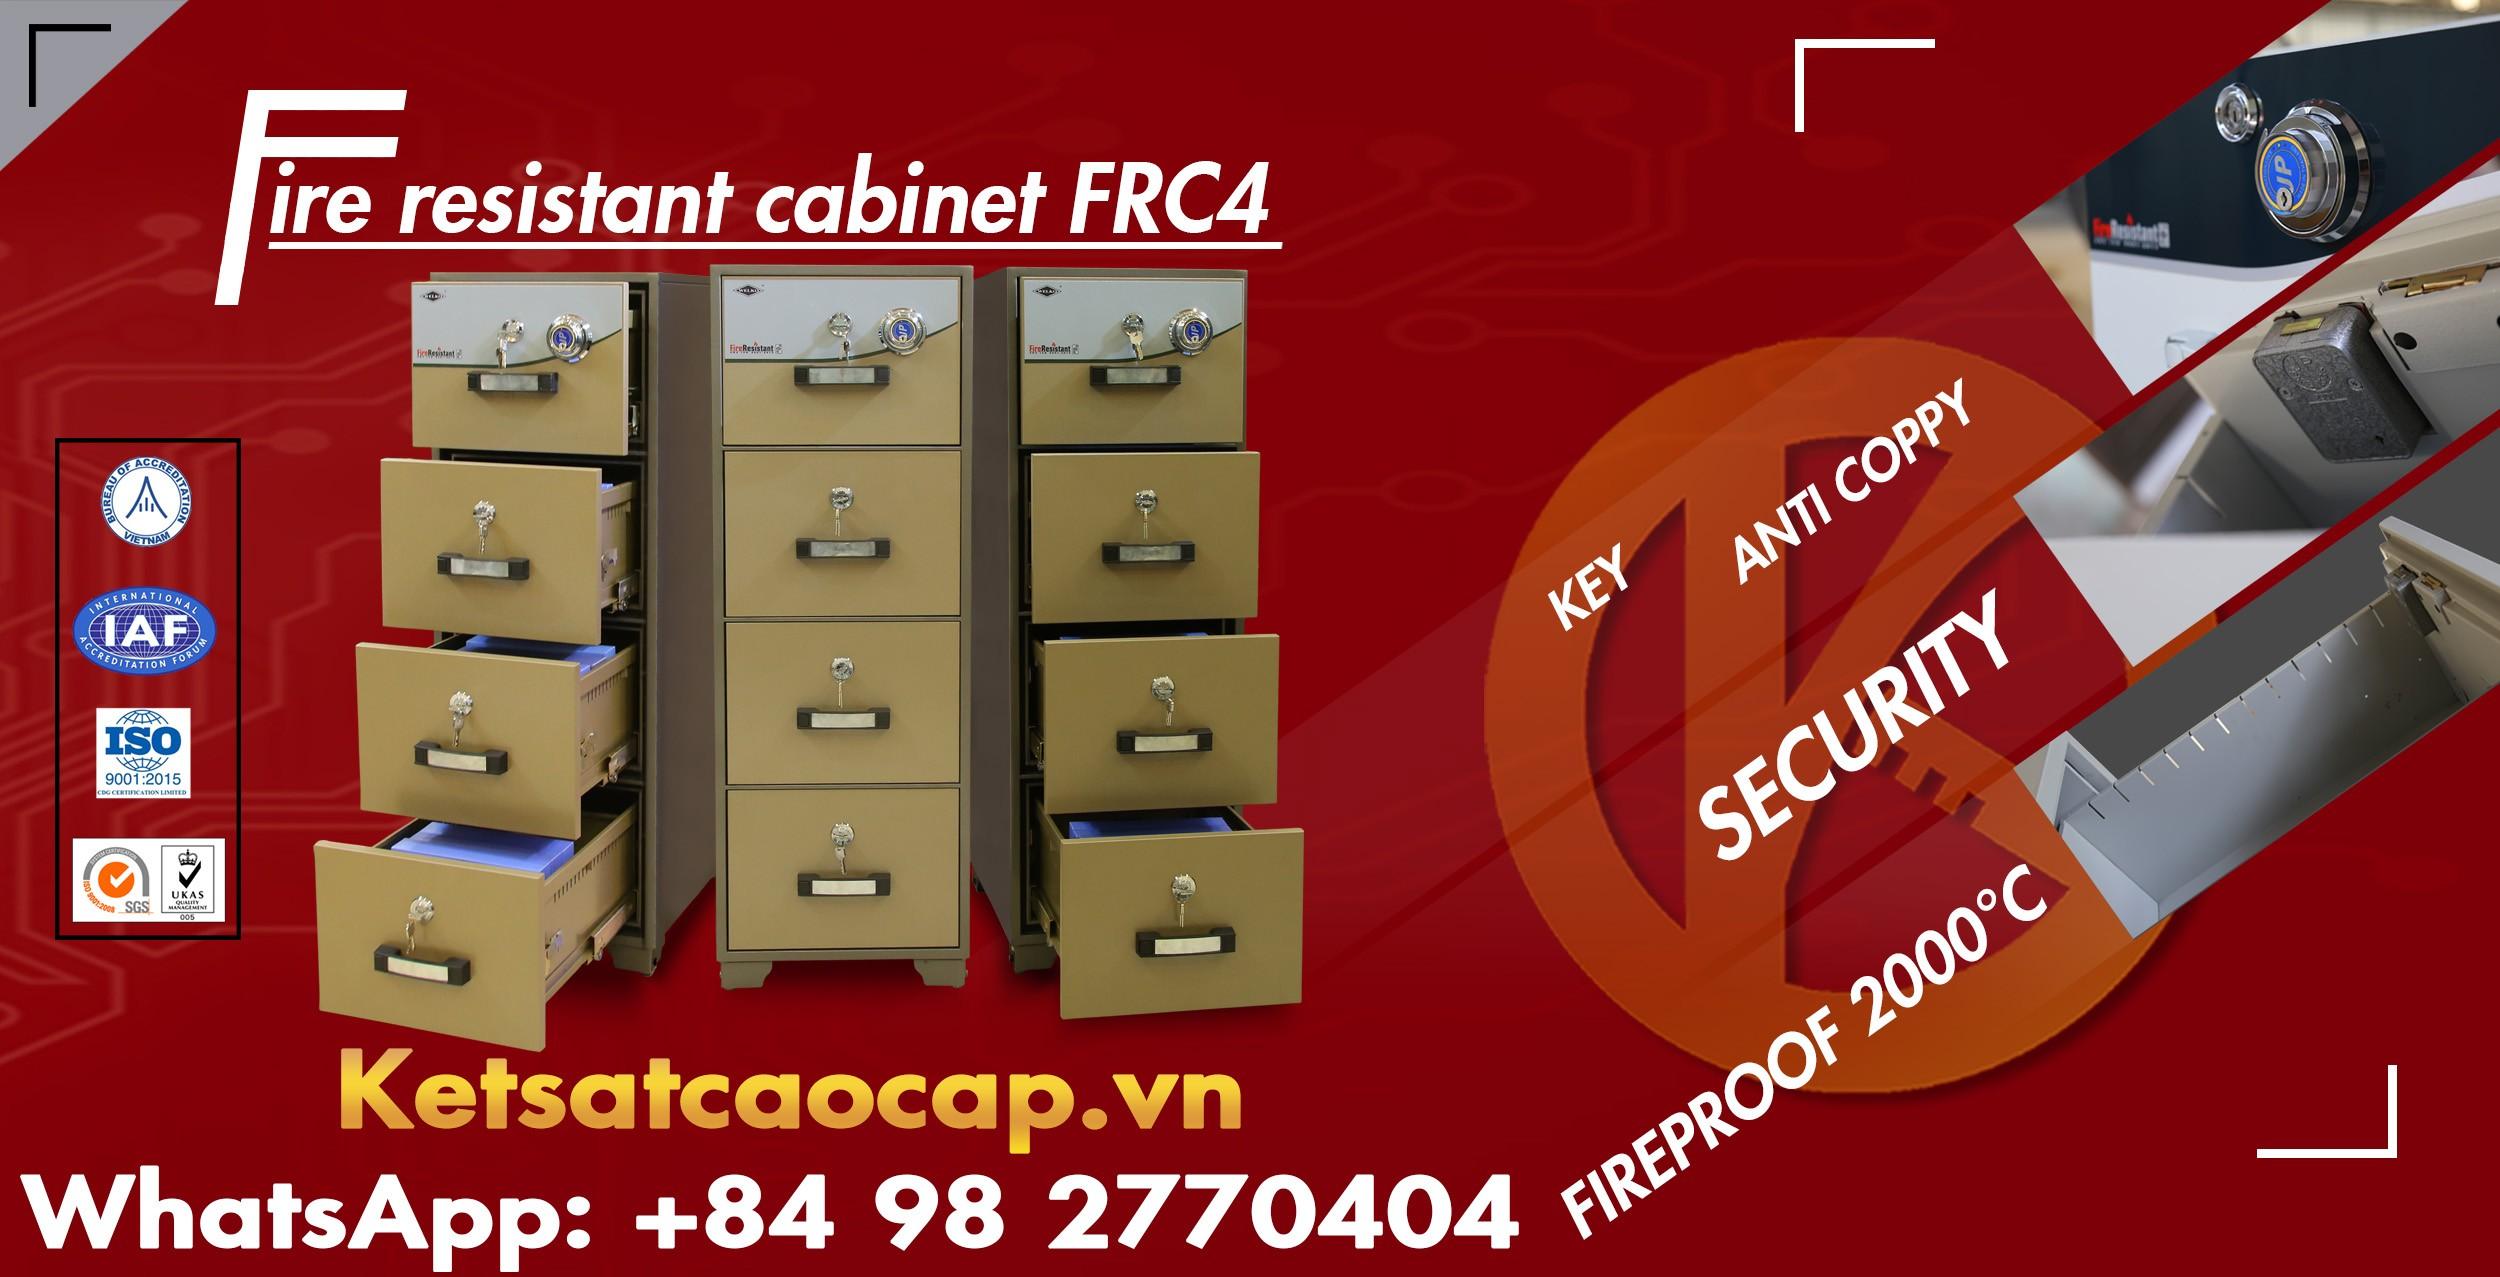 hình ảnh sản phẩm công dụng của tủ hồ sơ ngân hàng bank safe